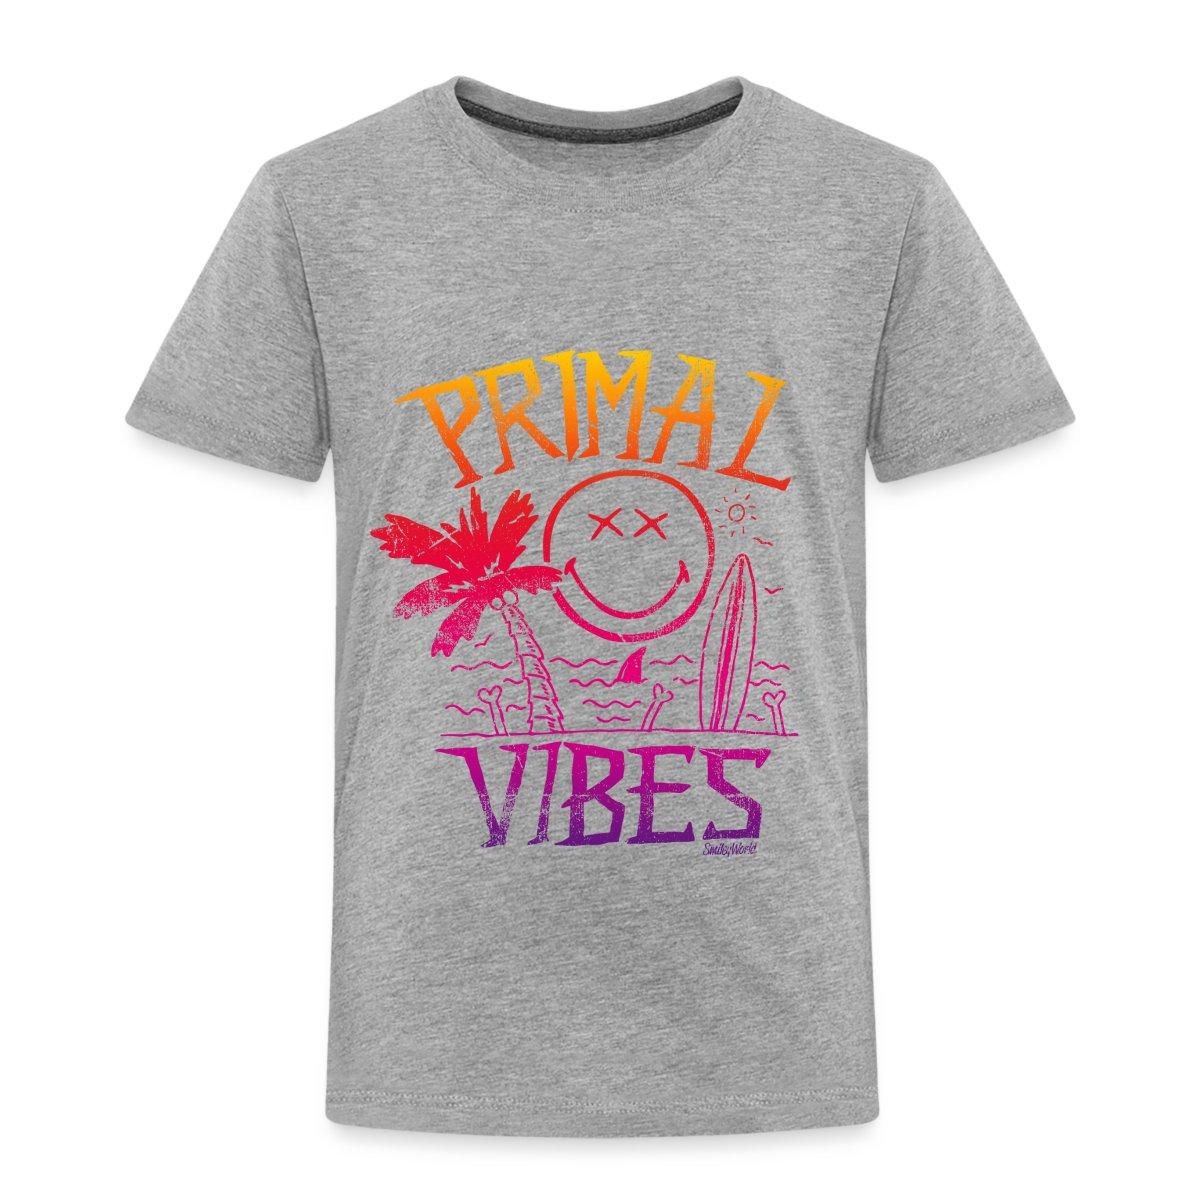 Smiley-World-Primal-Vibes-Kinder-Premium-T-Shirt-von-Spreadshirt